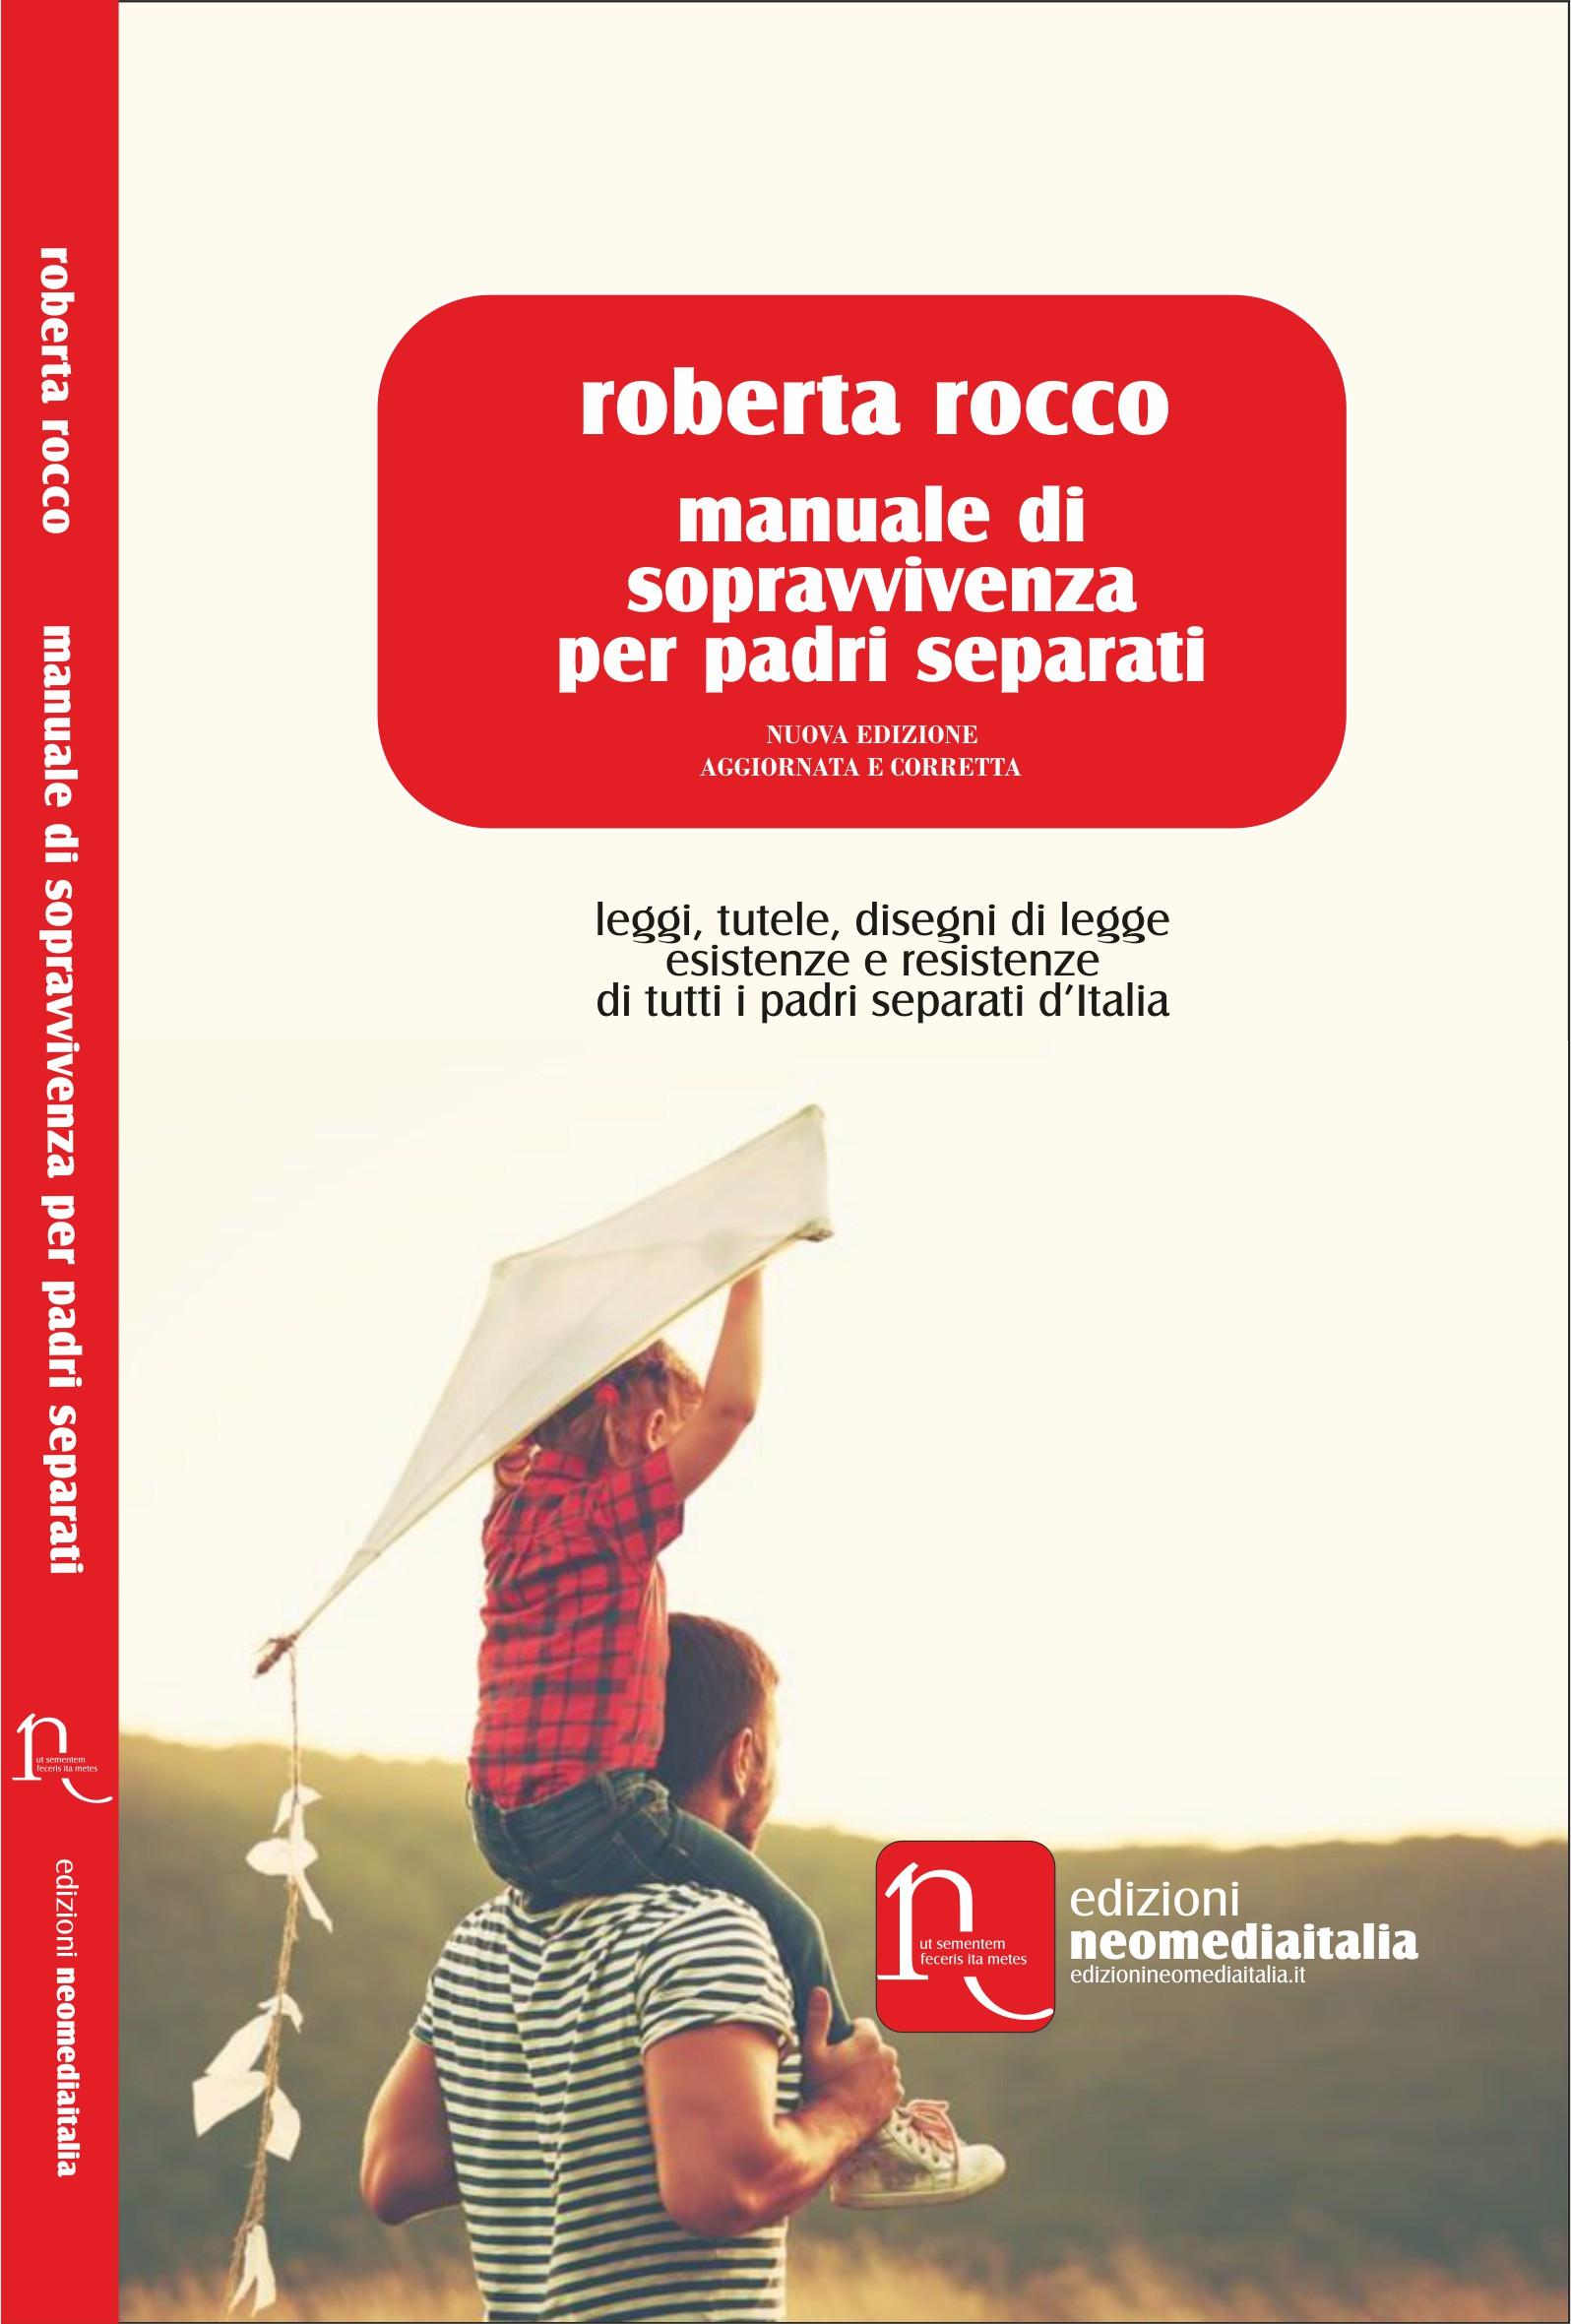 """Il """"manuale per padri separati"""" di Roberta Rocco. L'impegno straordinario di una donna al servizio della giustizia"""